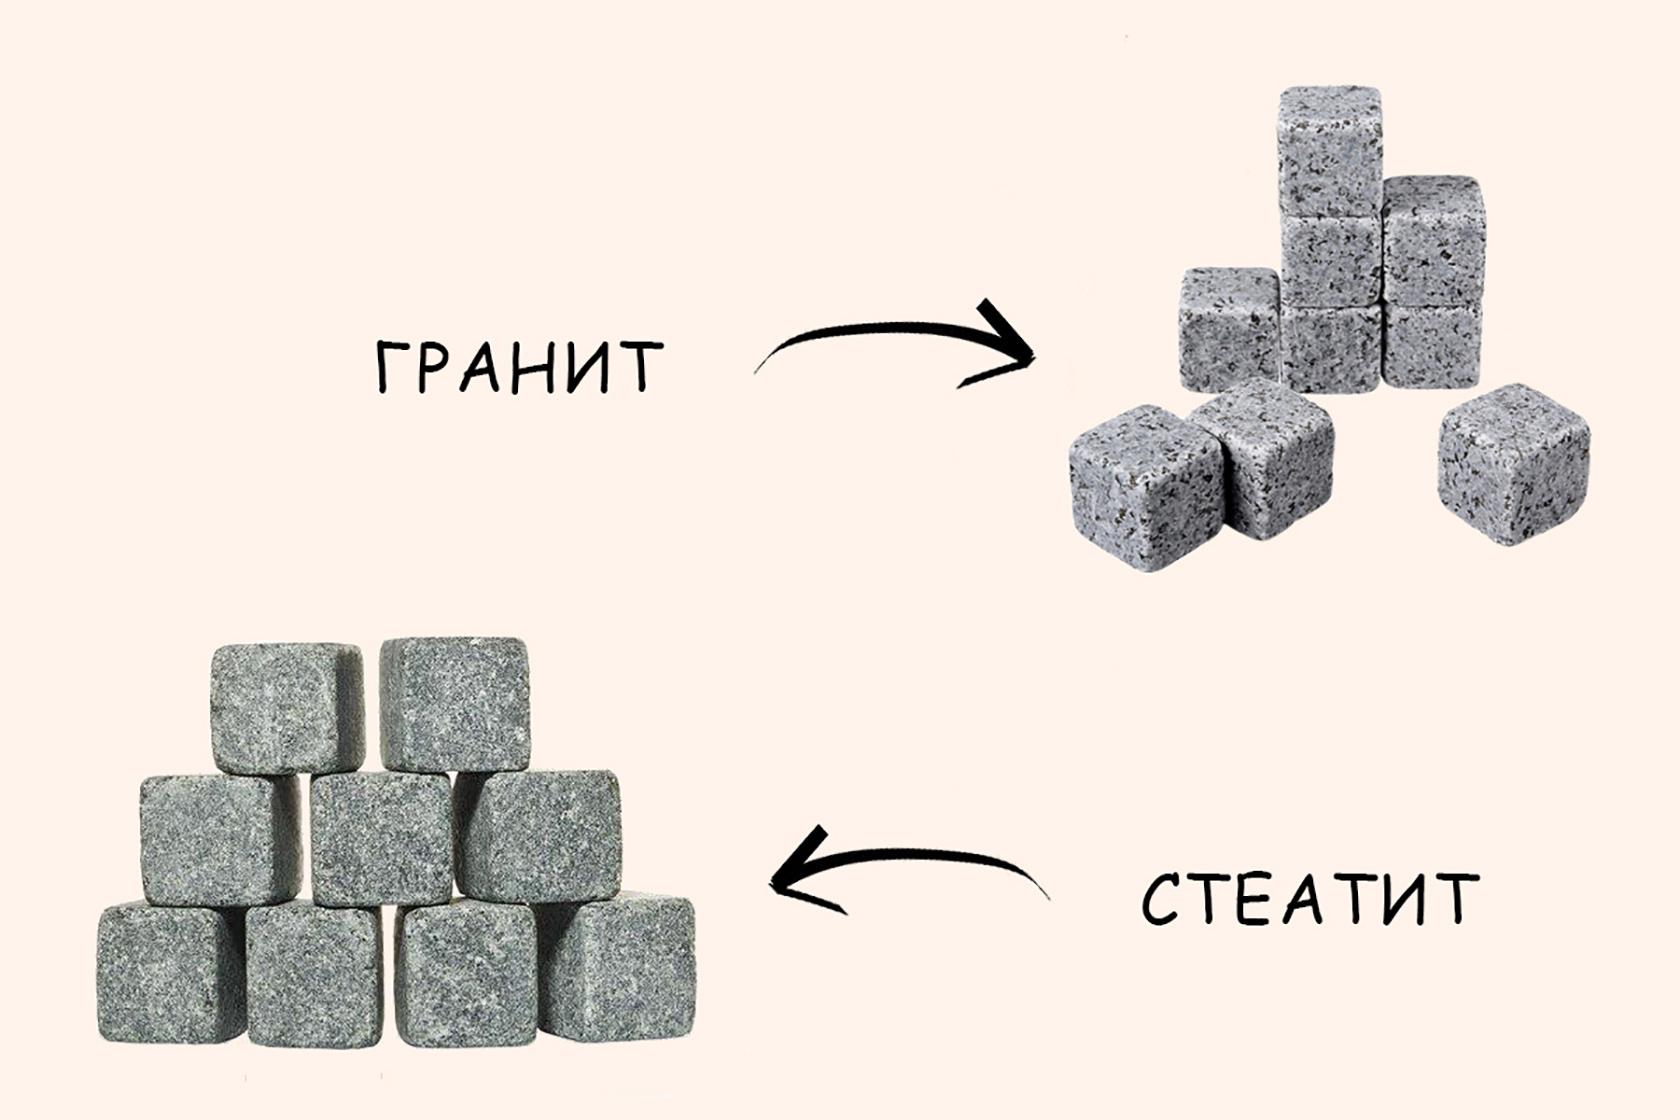 Різниця між гранітним і стеатітовим камінням